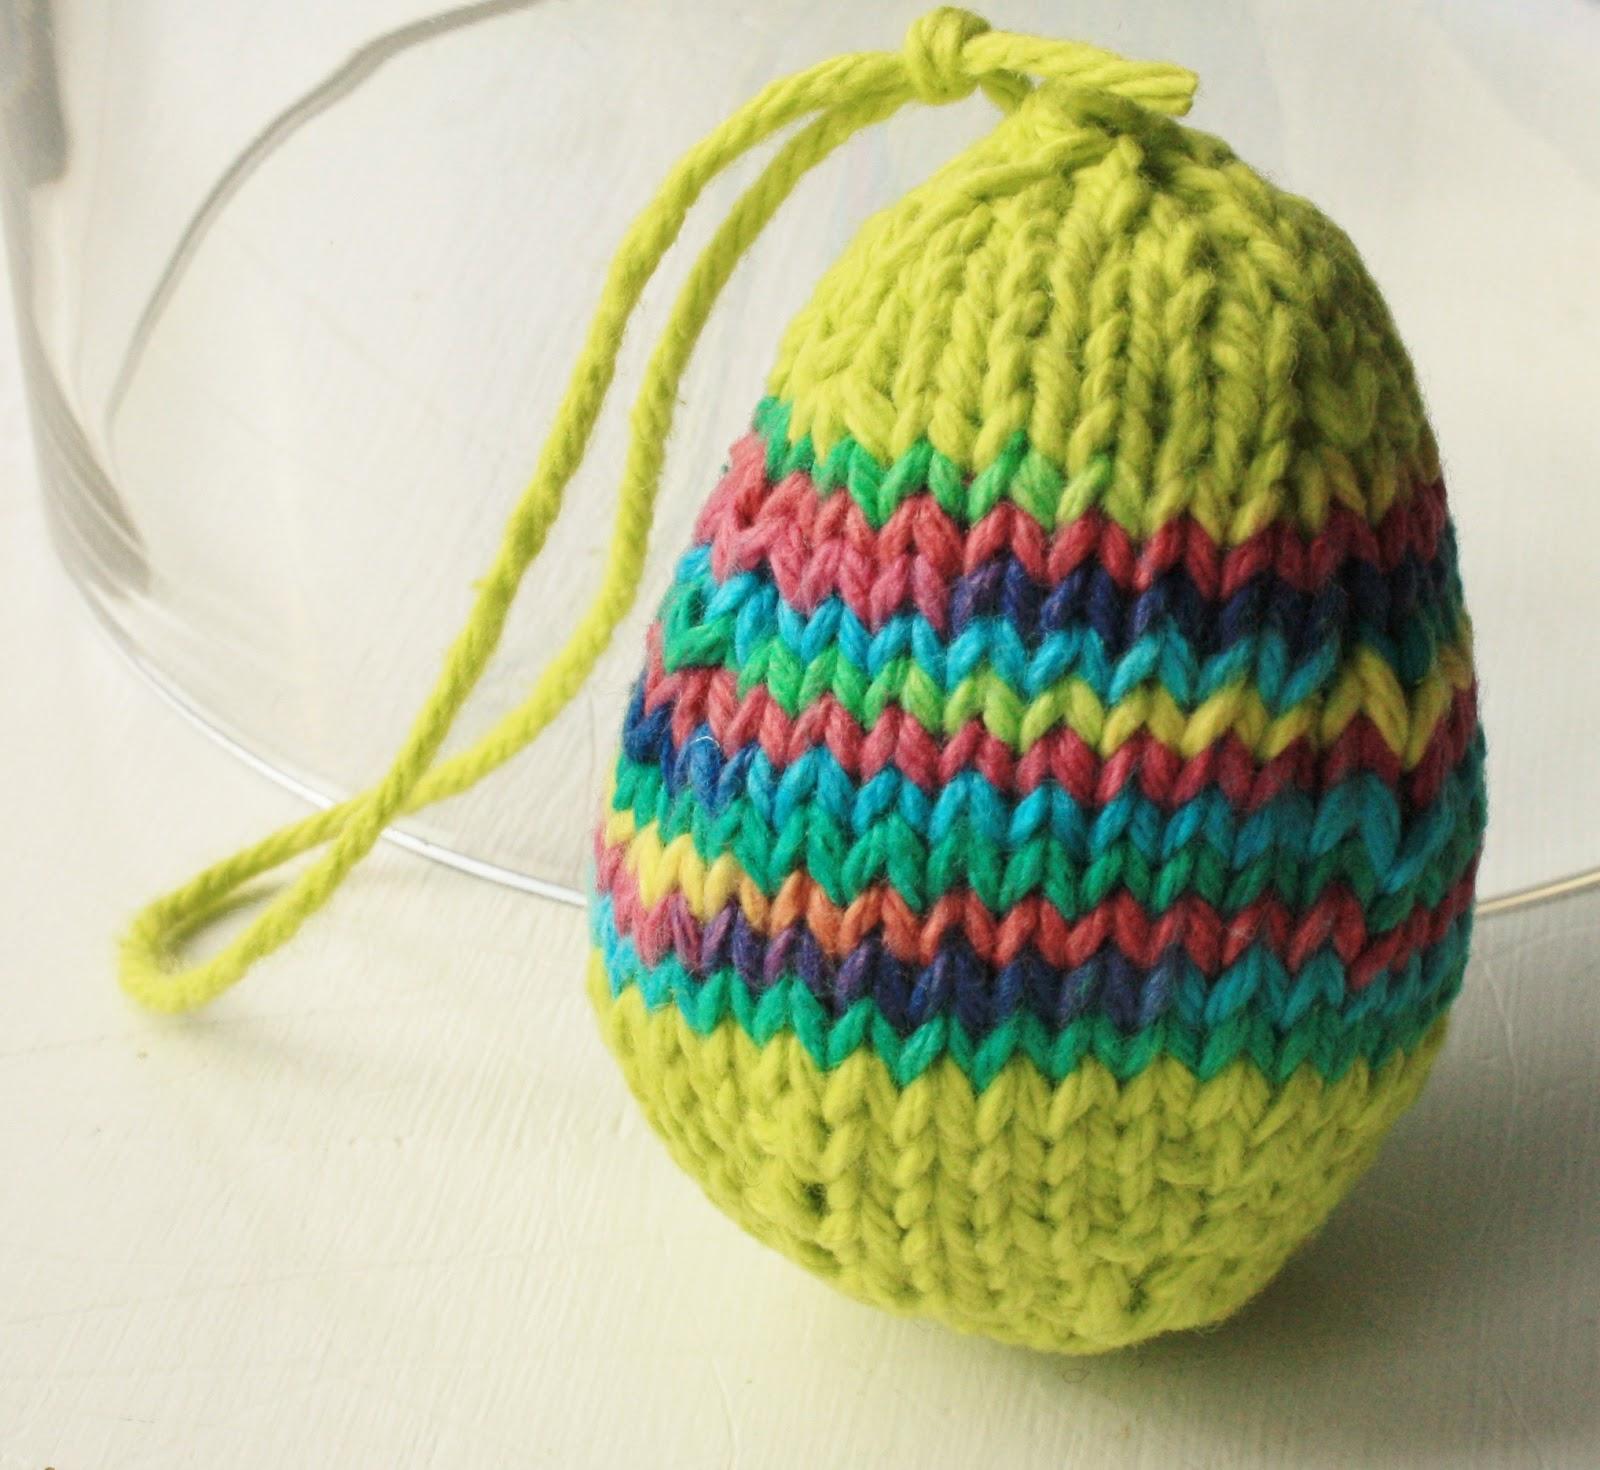 Knitting Easter Eggs : September violets knitted easter eggs